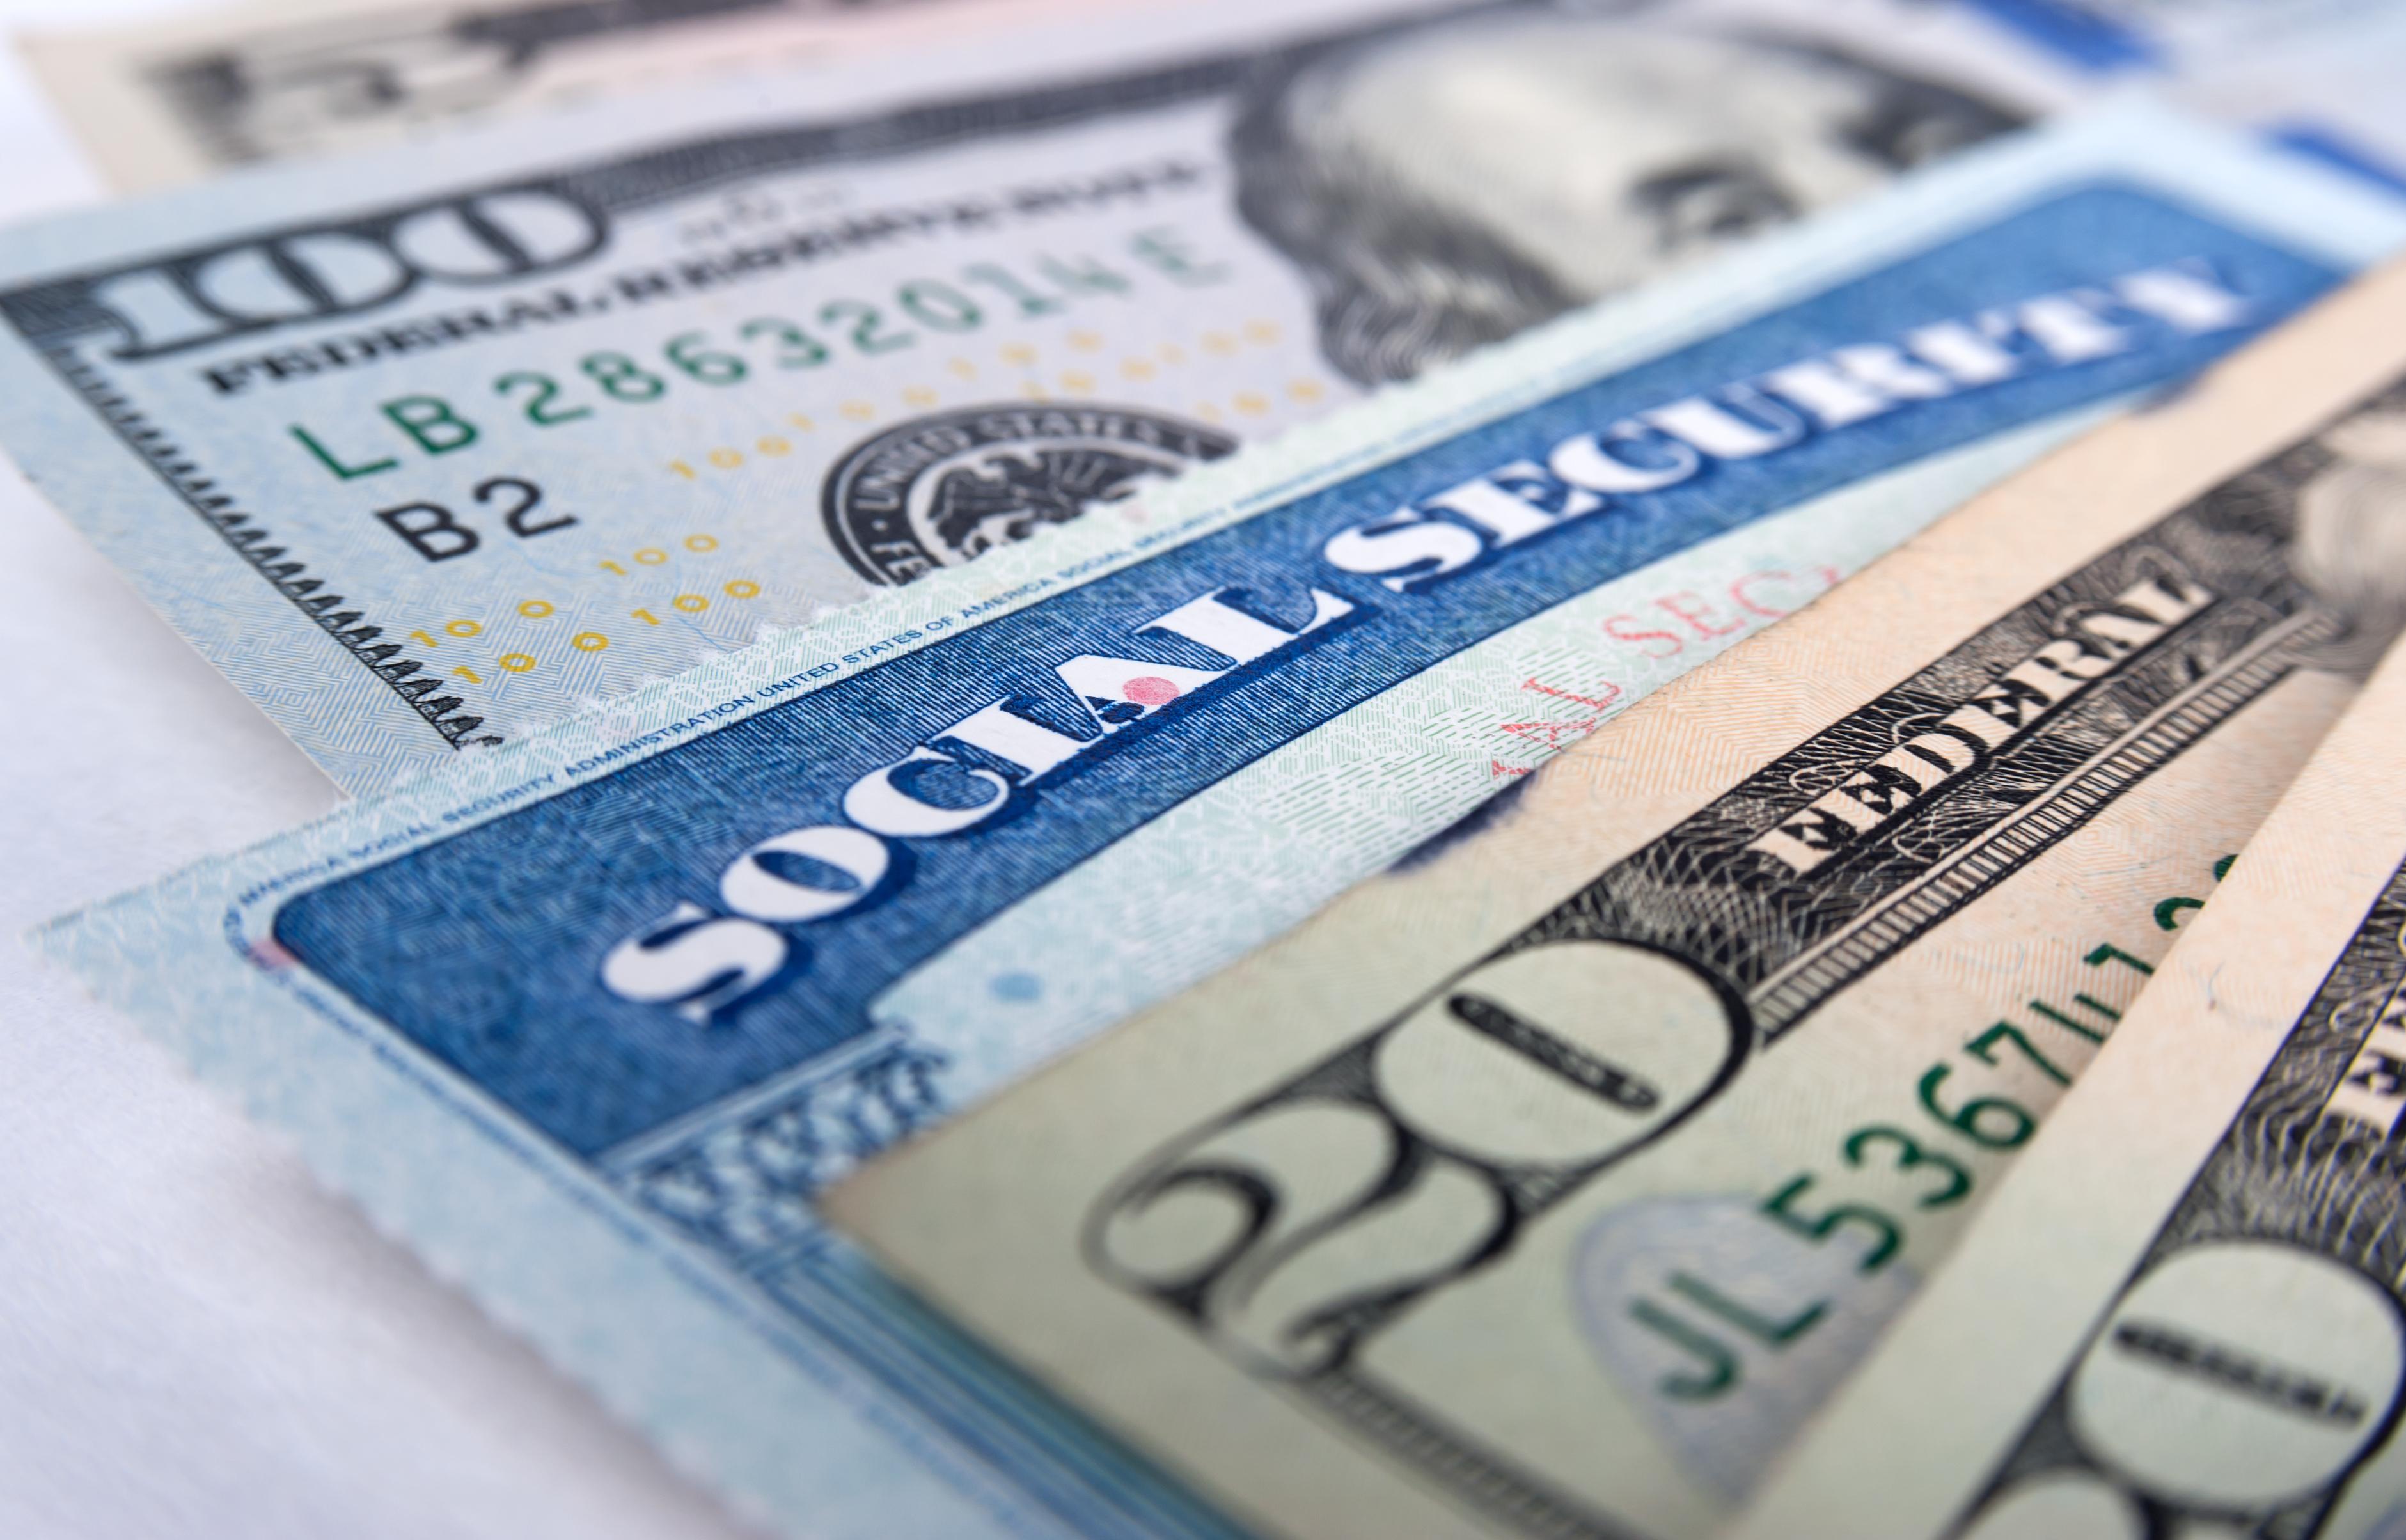 Social Security card on money.